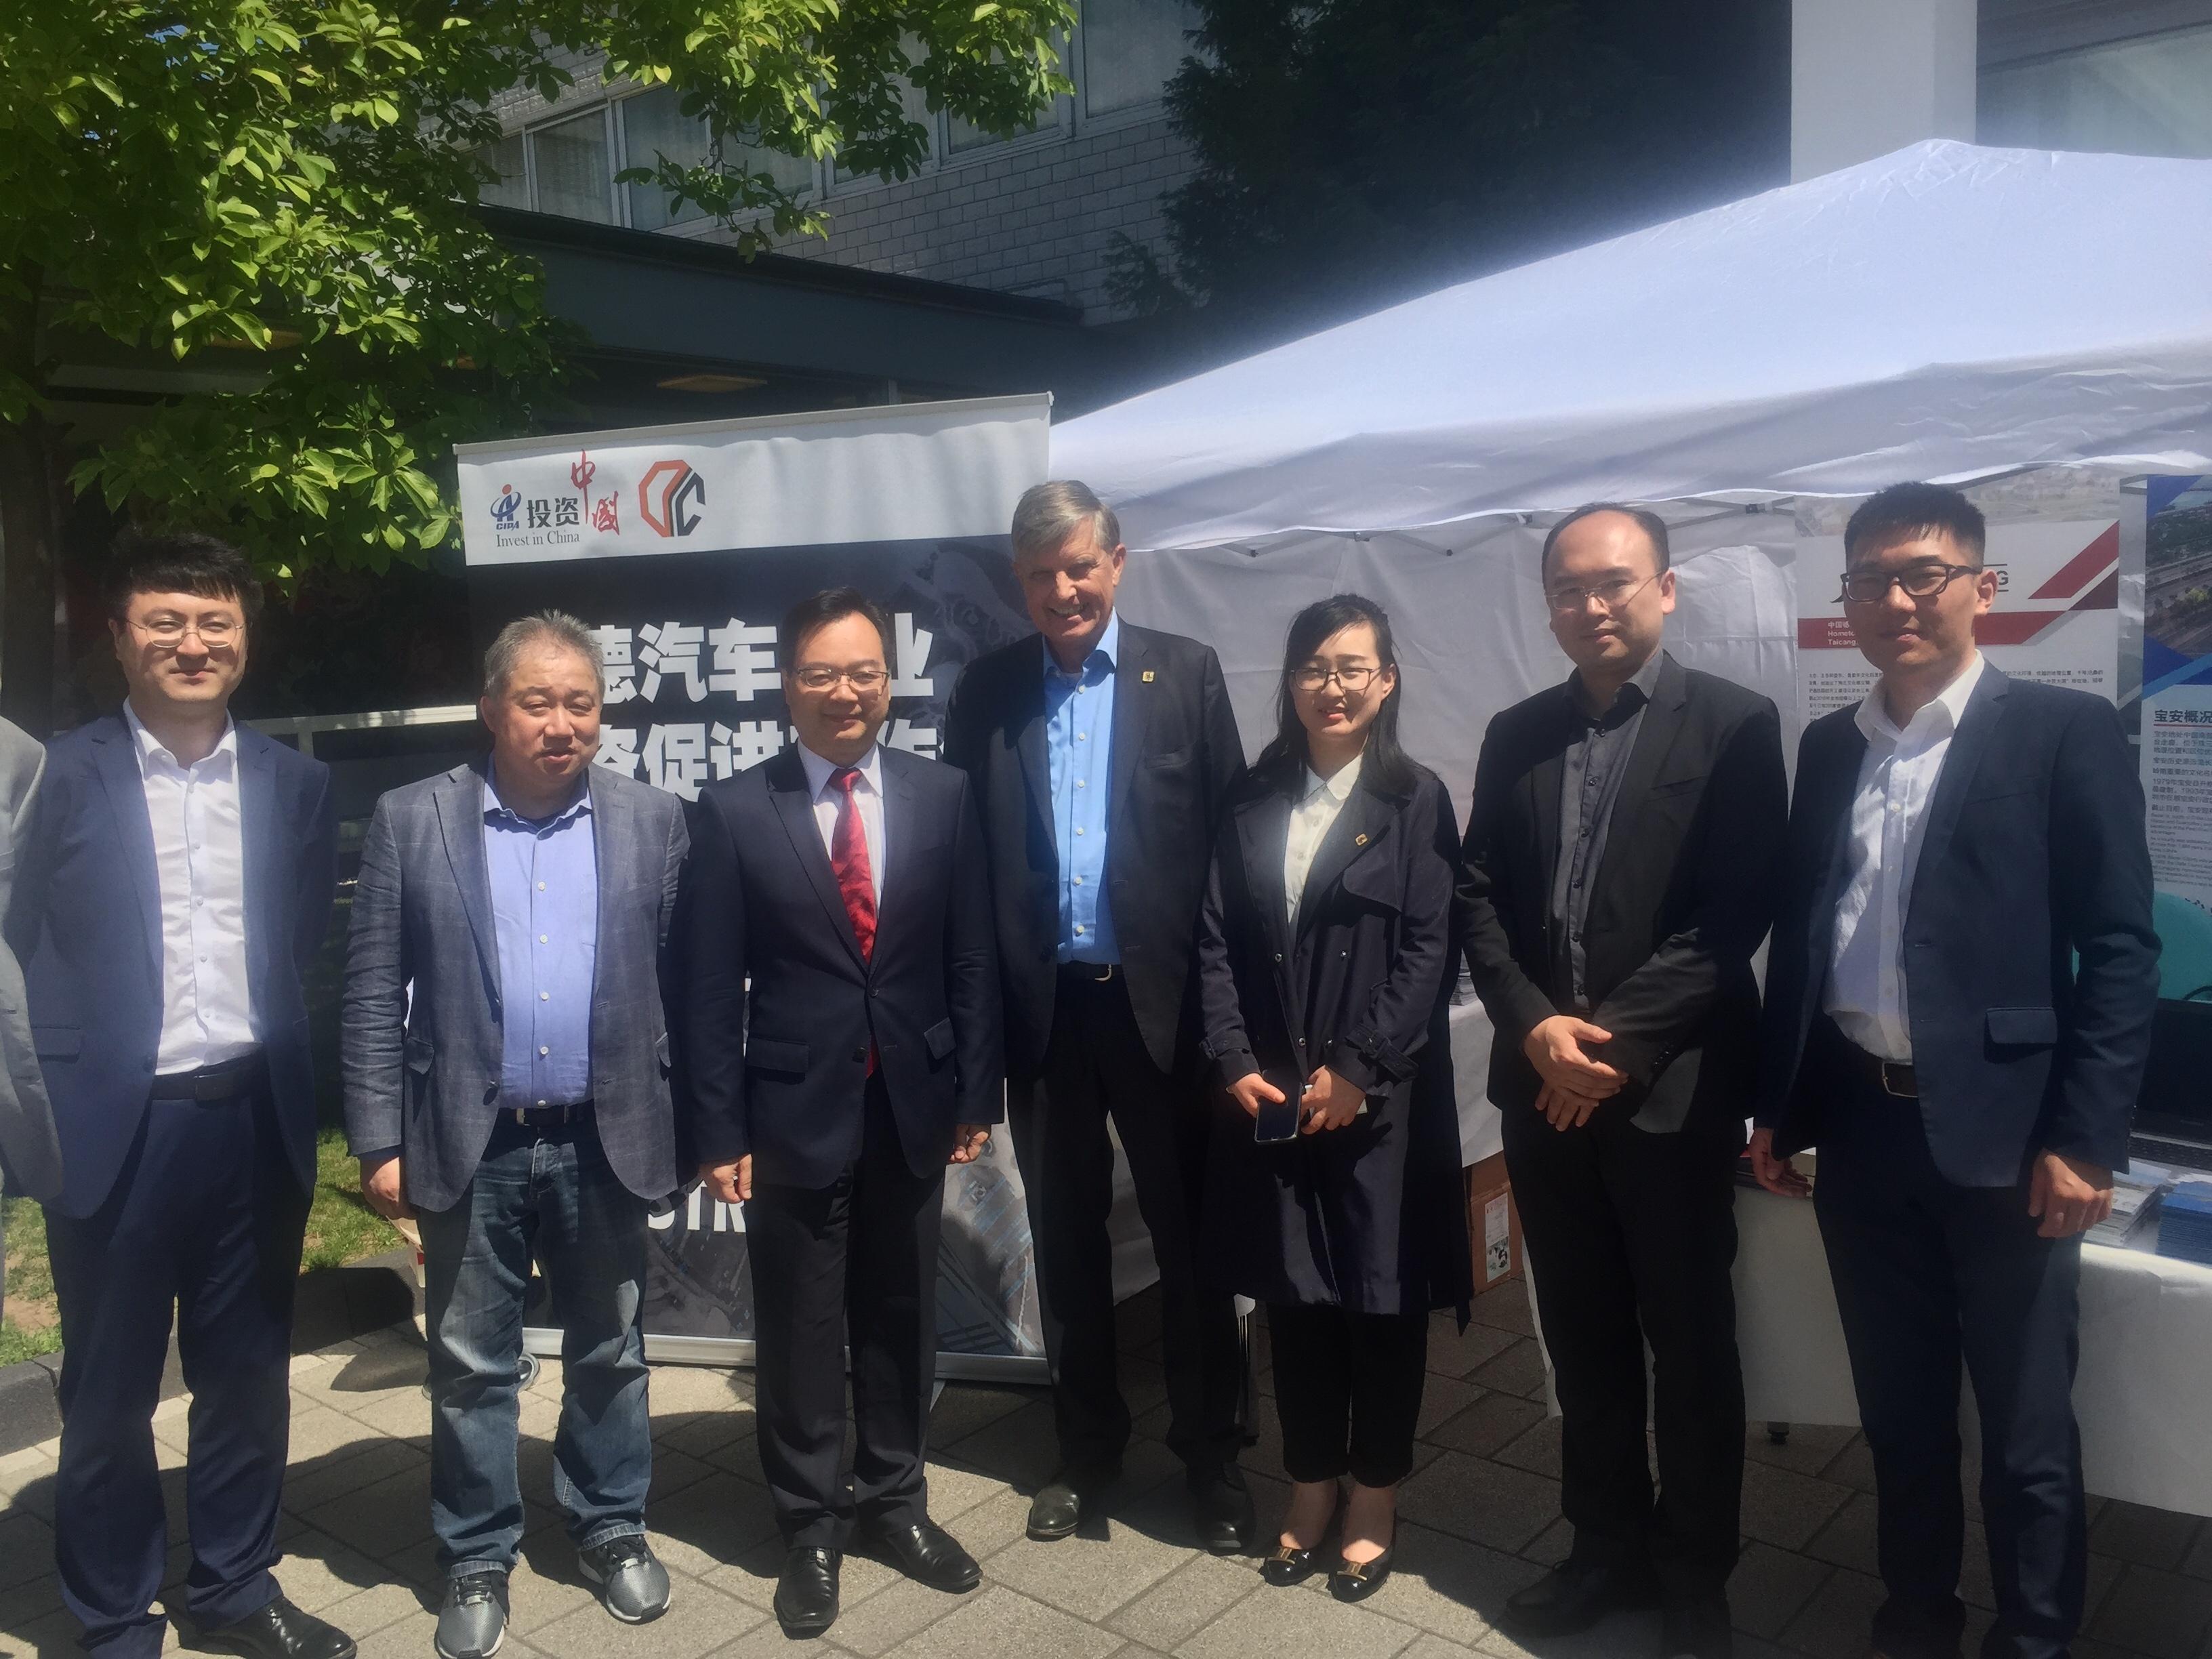 Als aufmerksamer Gastgeber besuchte GK Sun (3.v.l.) die zahlreichen Stände, hier denjenigen der CIIPA